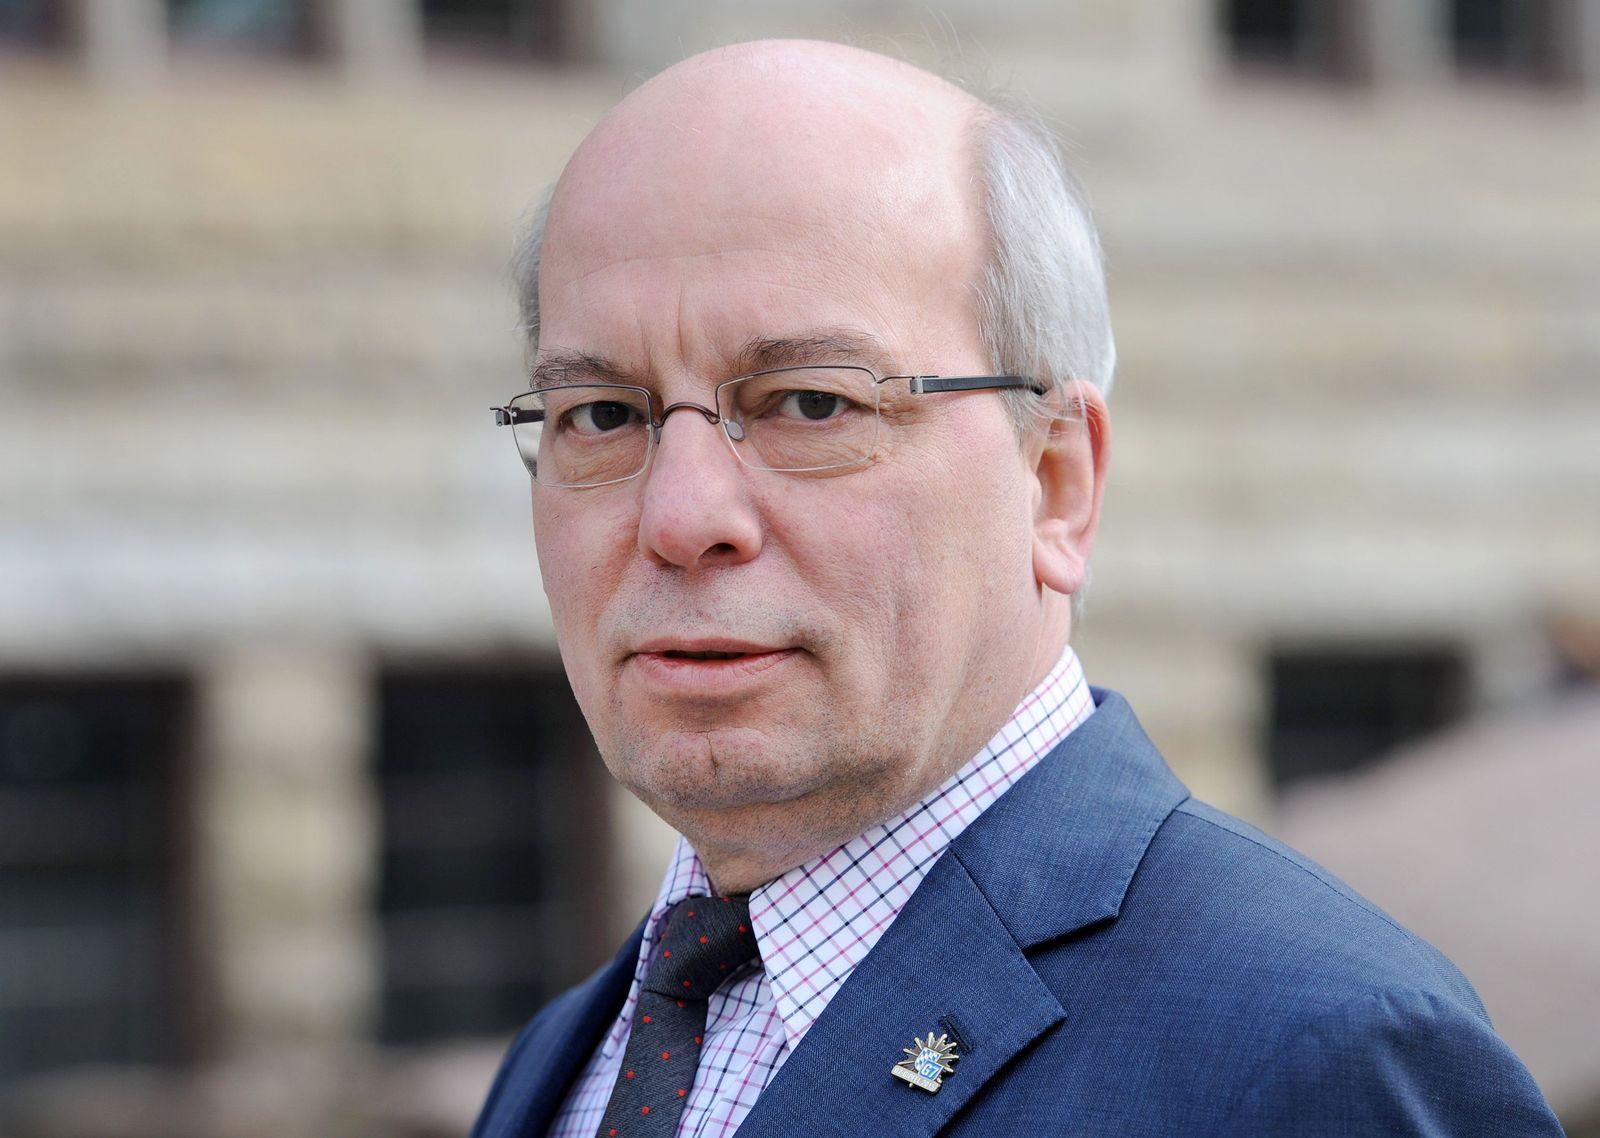 Affäre Wendt im Landtag - Bericht der NRW-Regierung